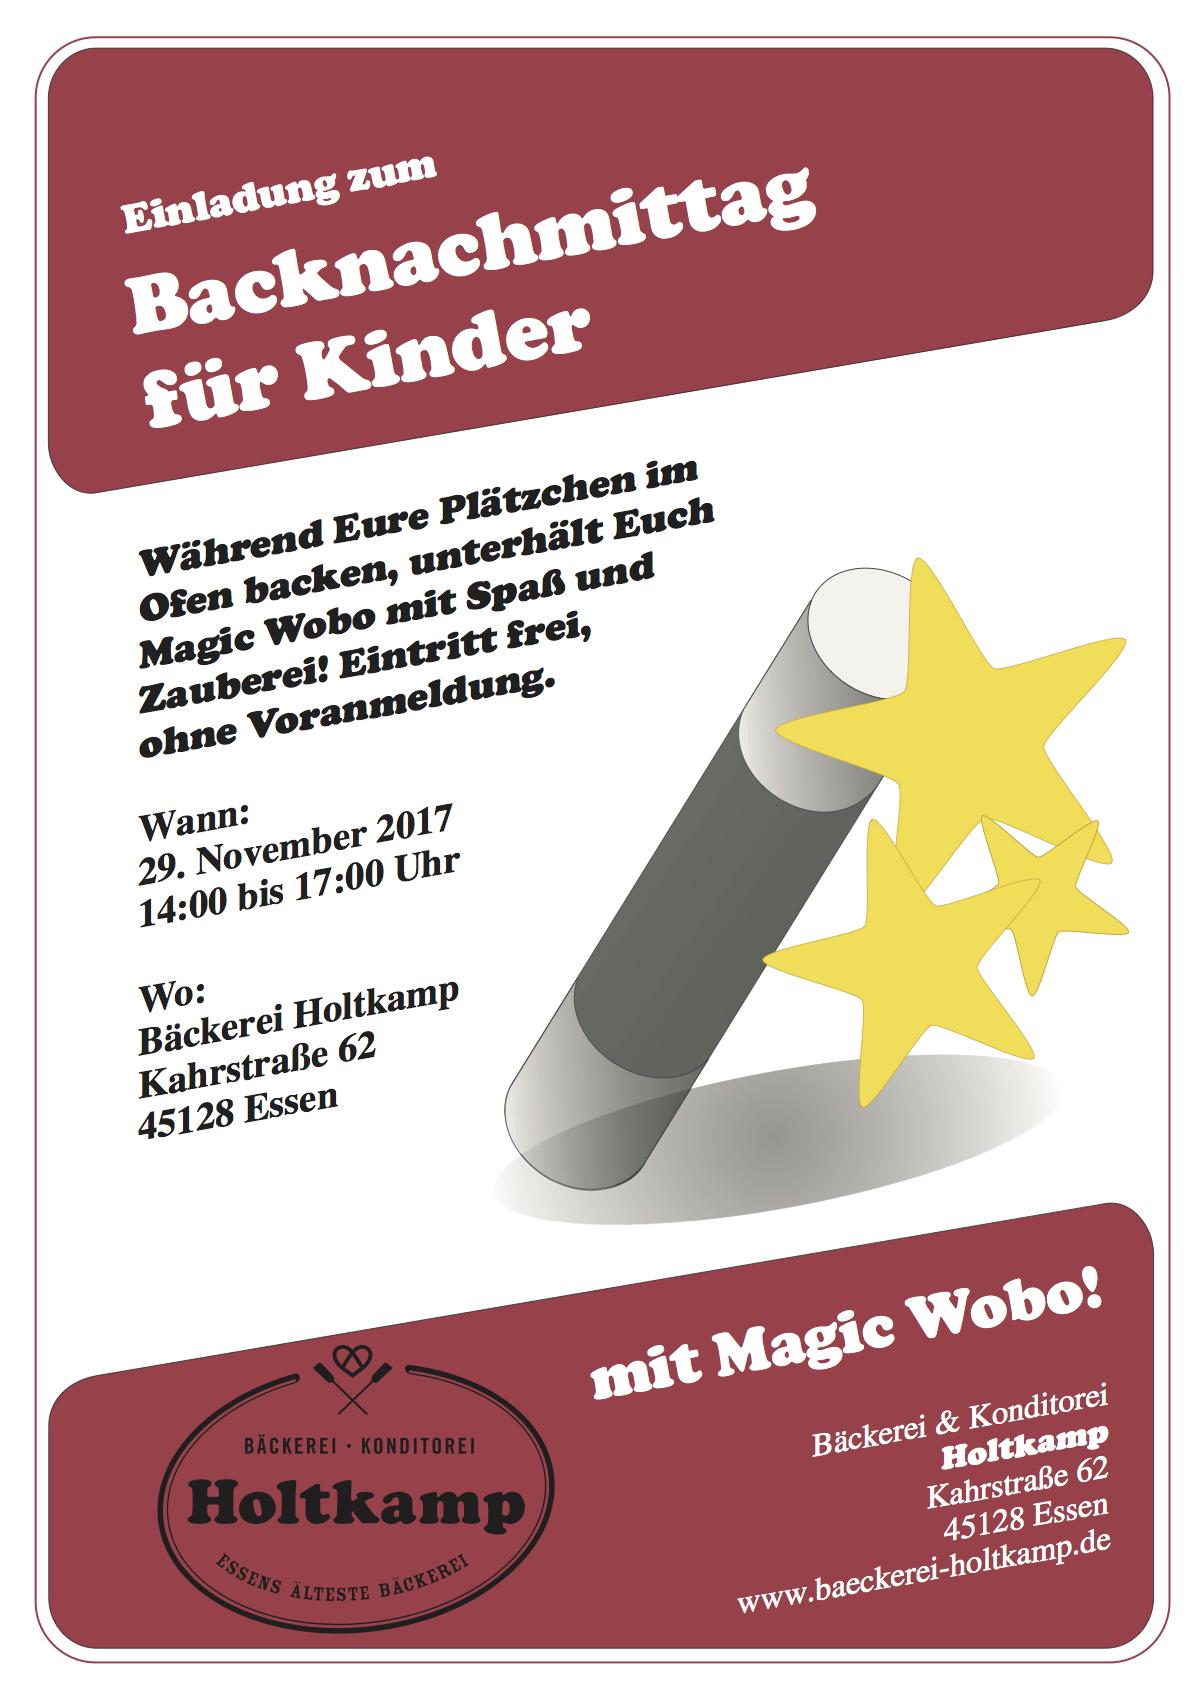 Backnachmittag Für Kinder 2017, Bäckerei Holtkamp, Essen, Kahrstraße, Konditorei Holtkamp